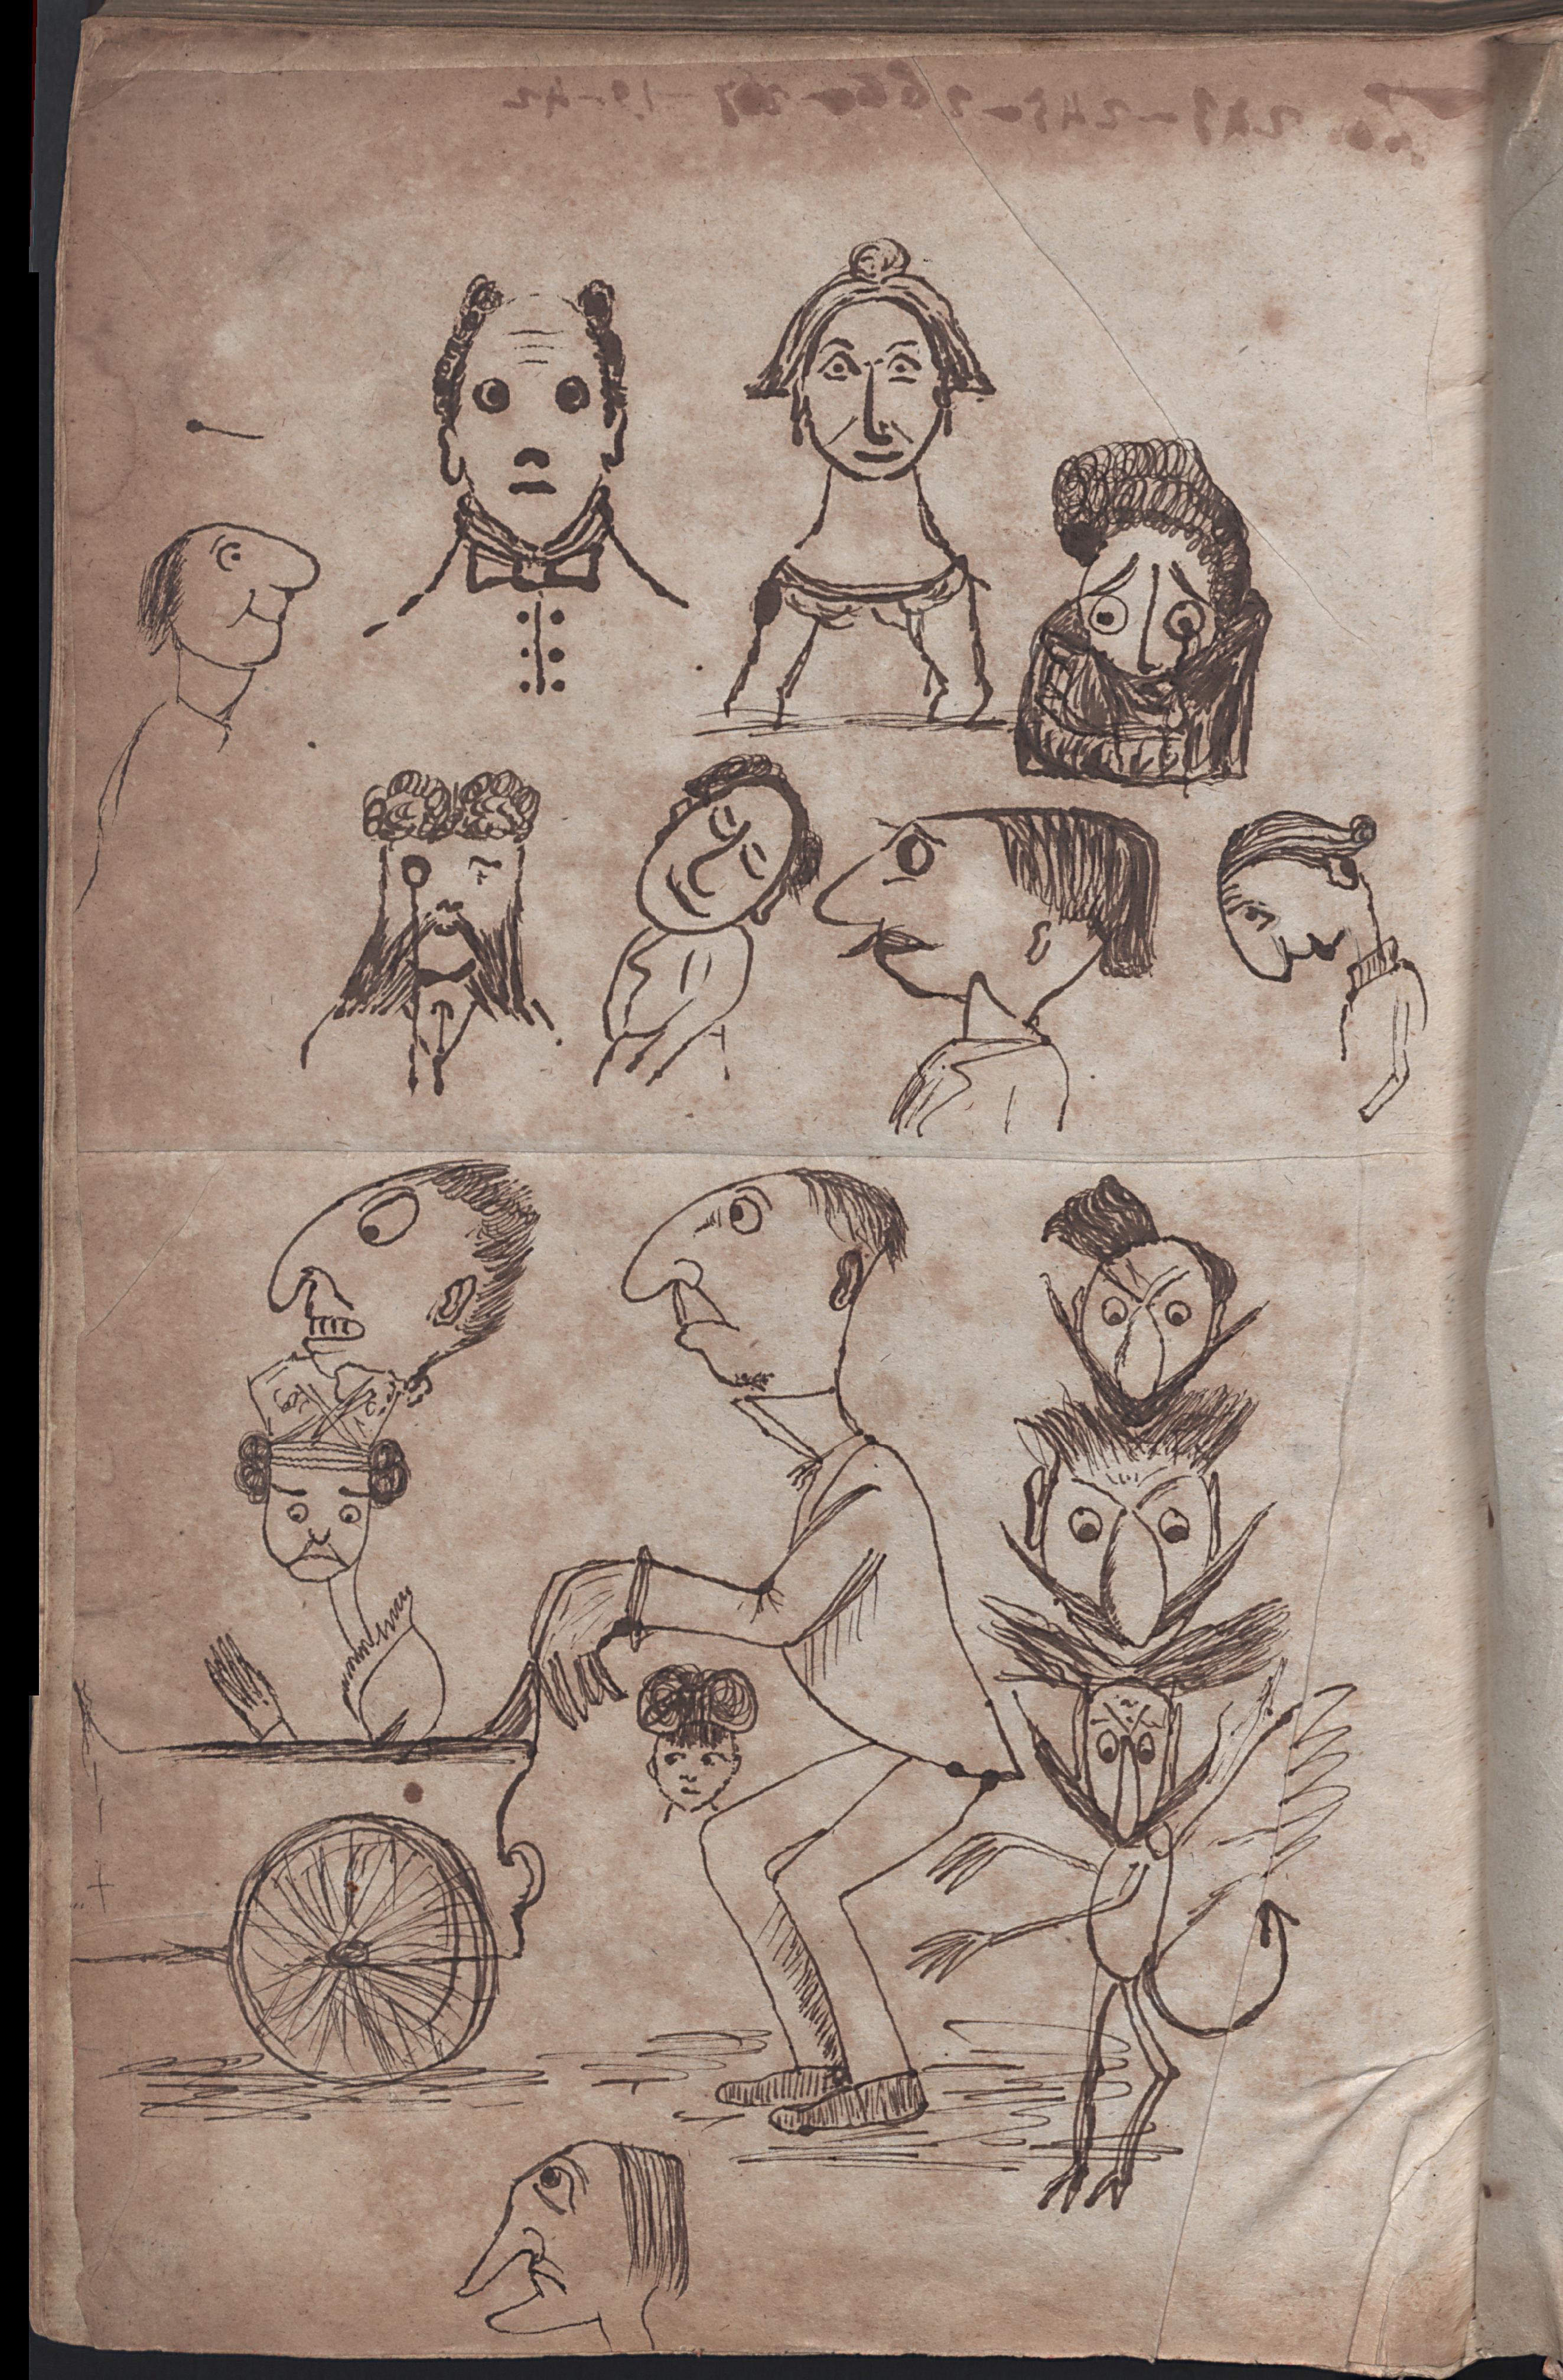 http://blogs.princeton.edu/rarebooks/images/RTH-Tatler.jpg